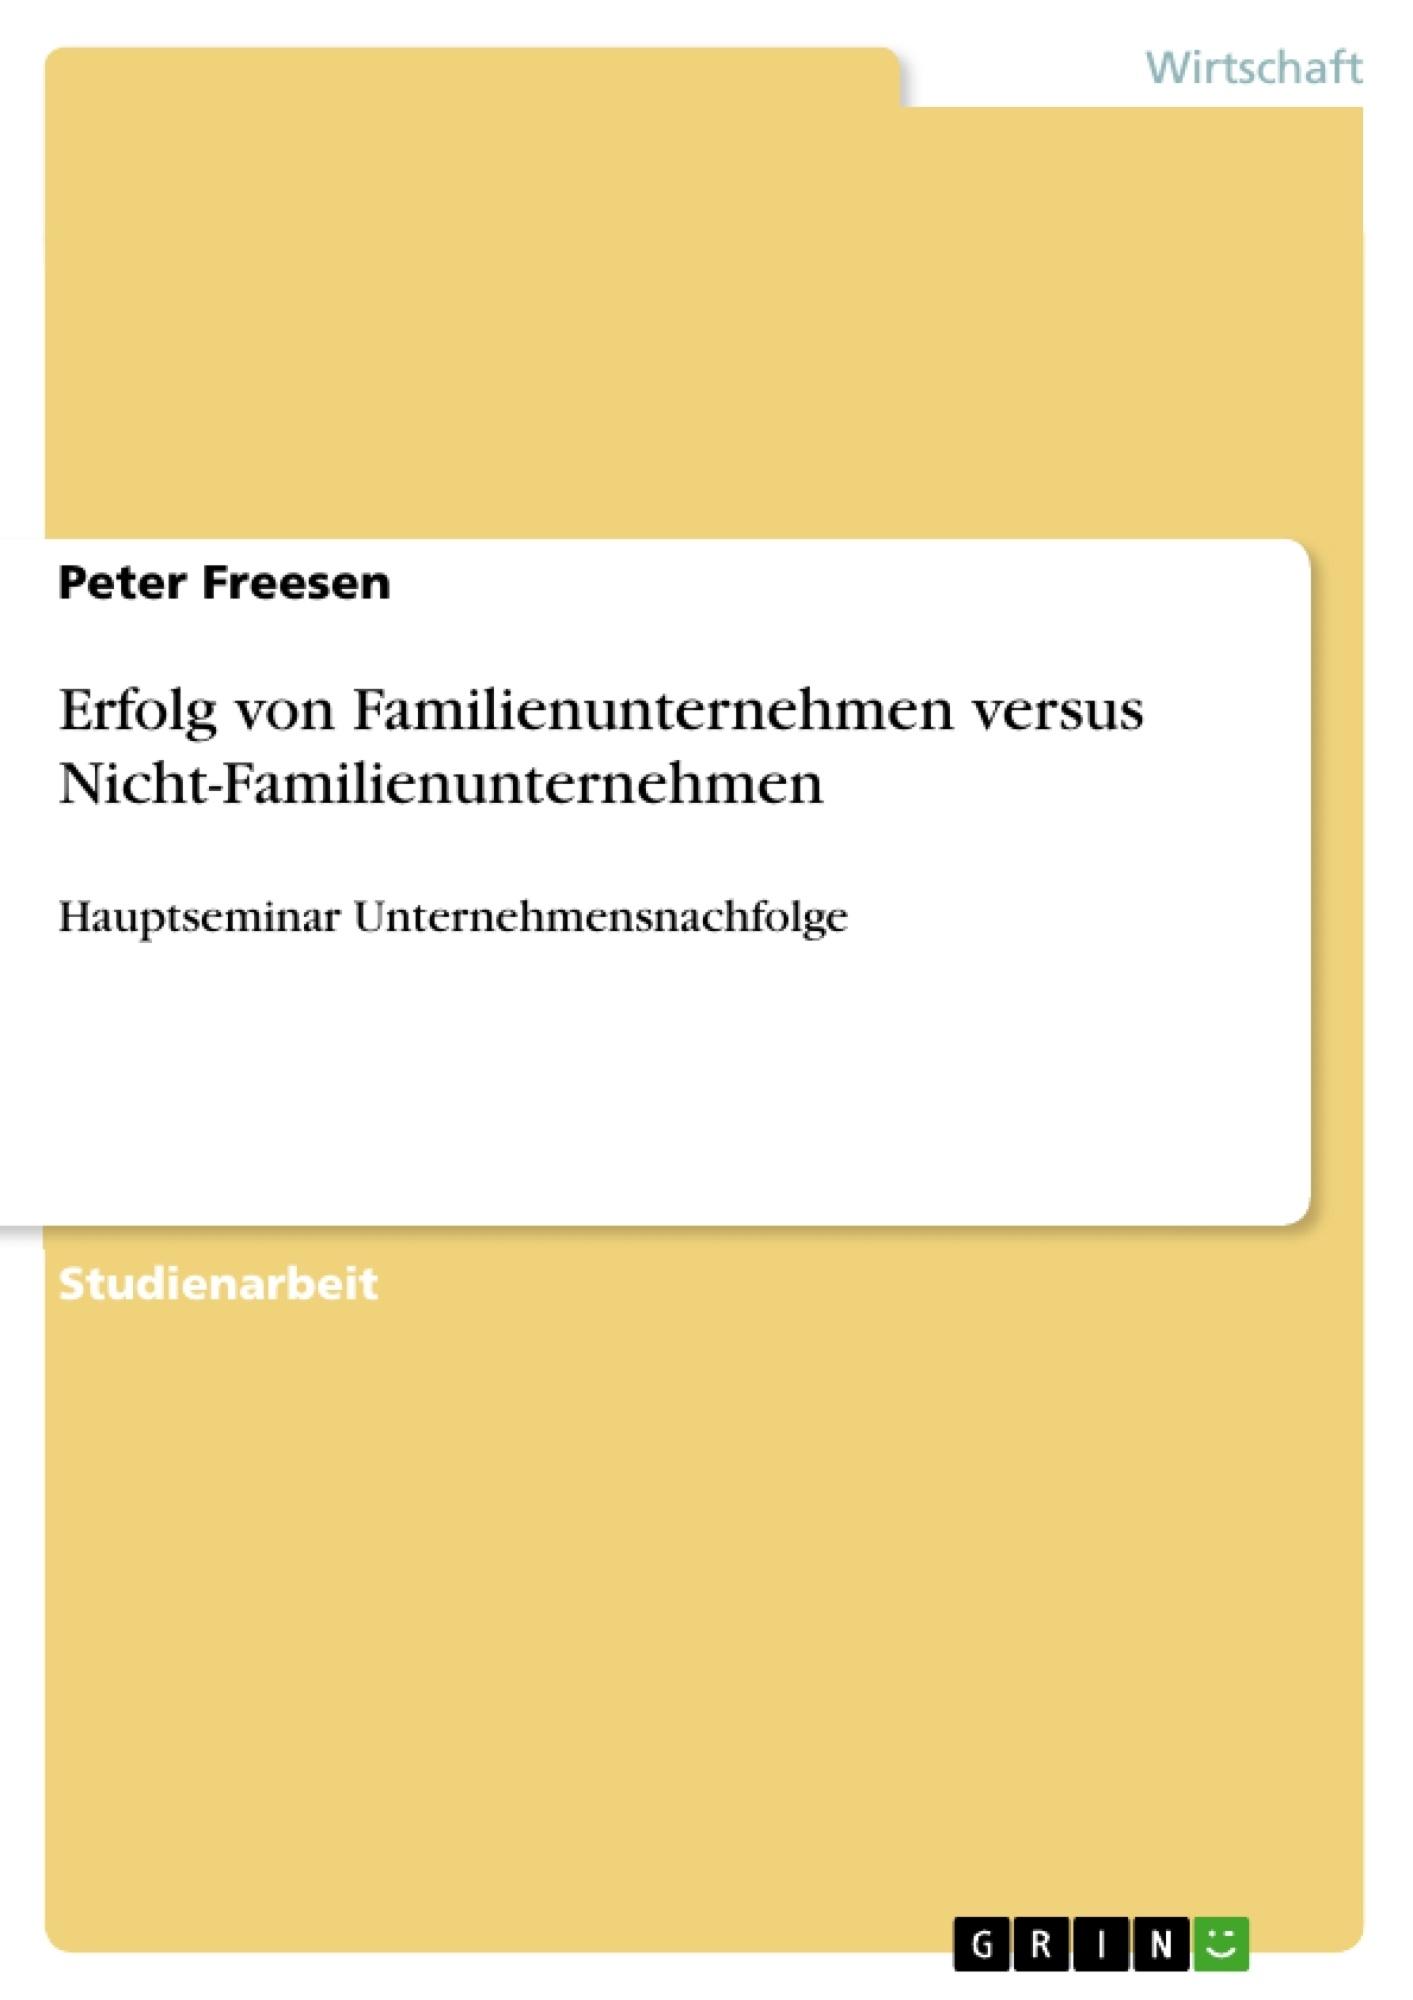 Titel: Erfolg von Familienunternehmen versus Nicht-Familienunternehmen